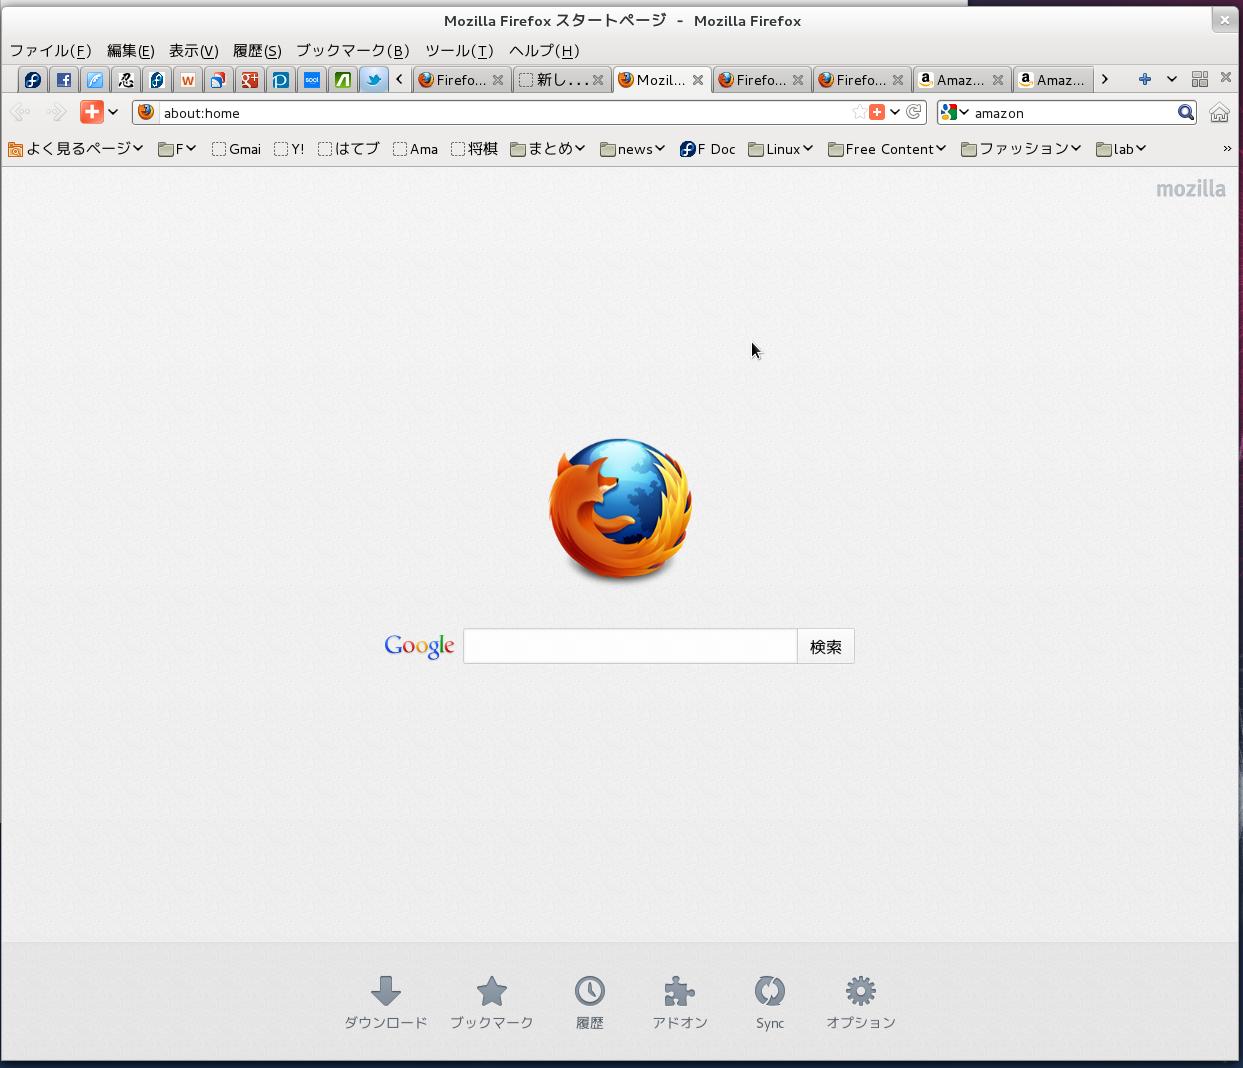 うつ病けんけんのFedora/Linux日記 : Ubuntu FedoraのFirefox 13で新しい ...